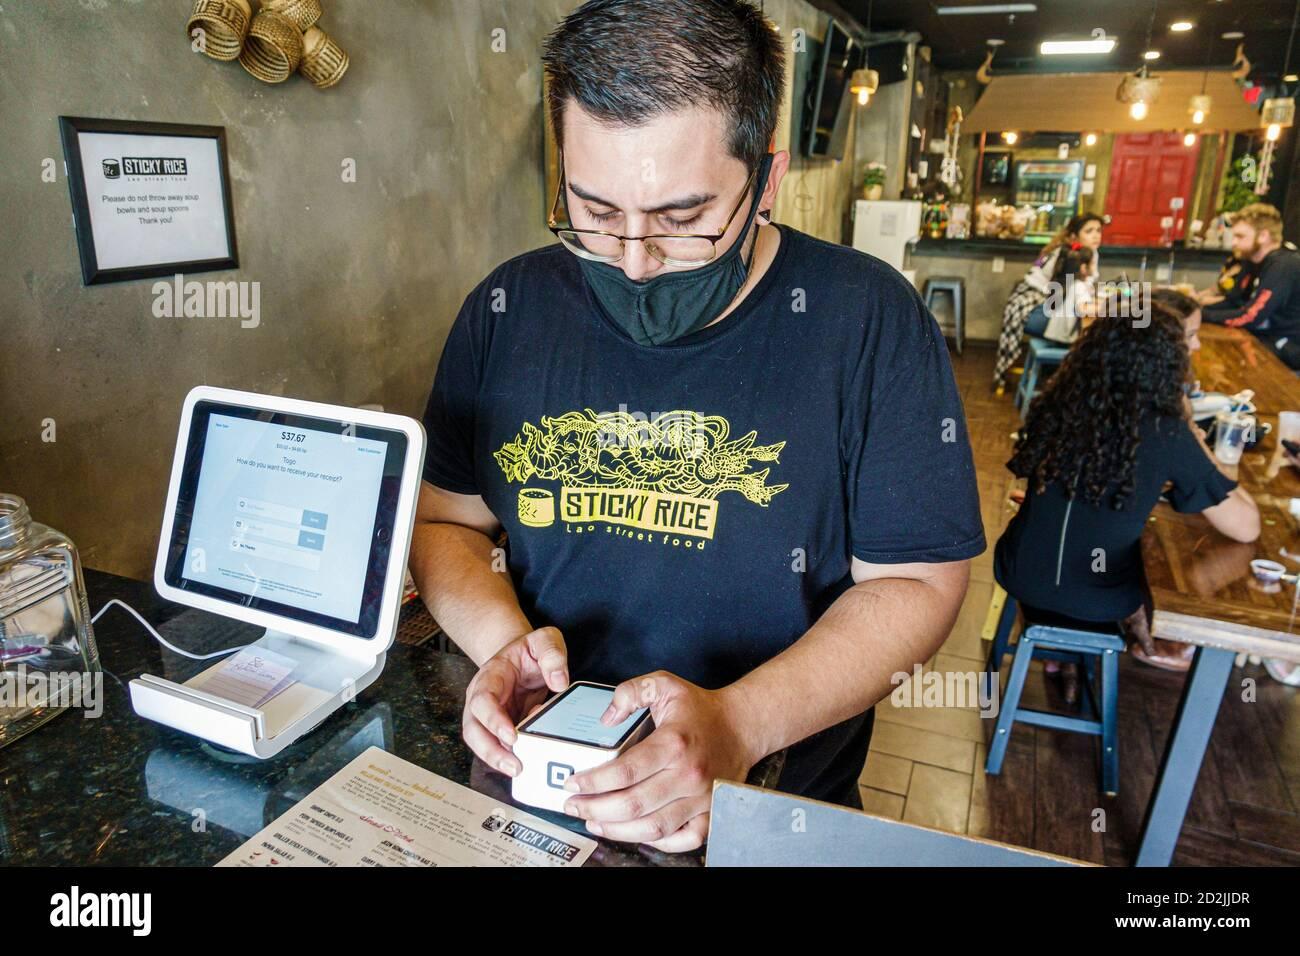 Floride Orlando Little Saigon Colonial Drive Sticky Rice Lao Street Alimentation restaurant ethnique asiatique Covid-19 coronavirus pandémie maladie infectieuse dise Banque D'Images